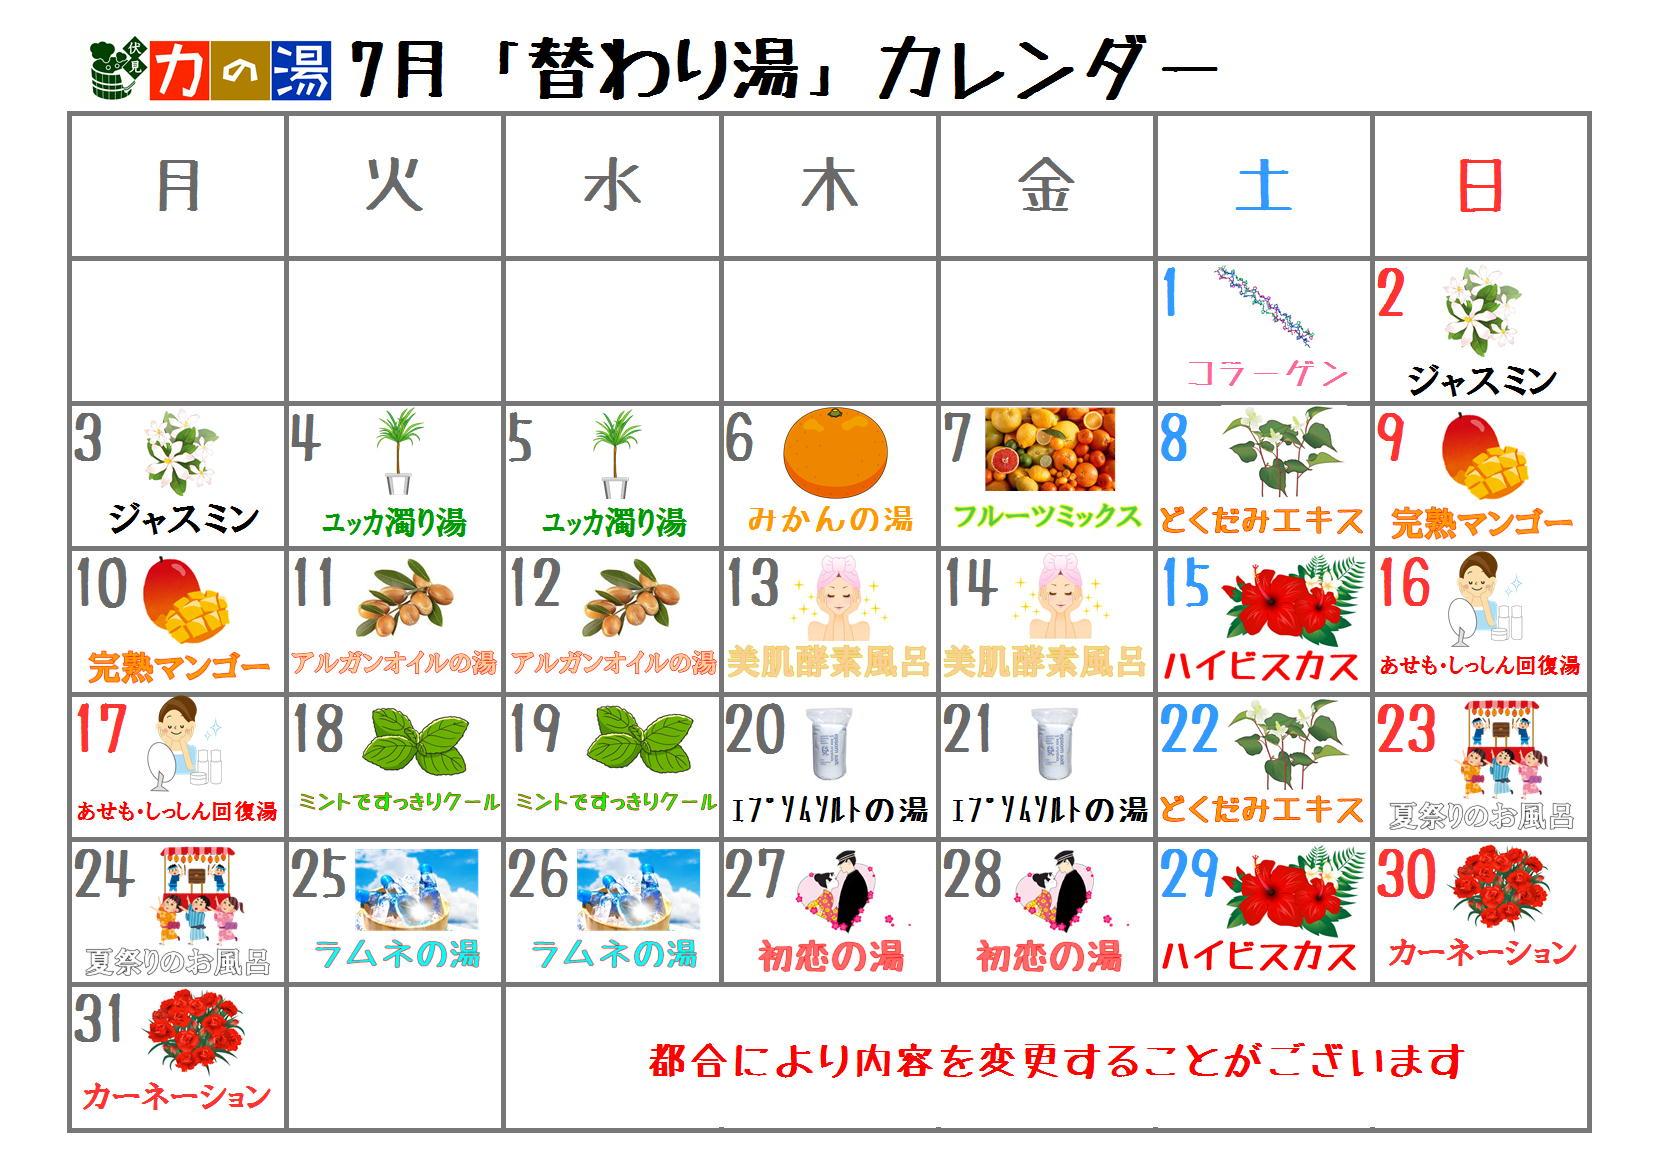 7月の日替わり湯カレンダー